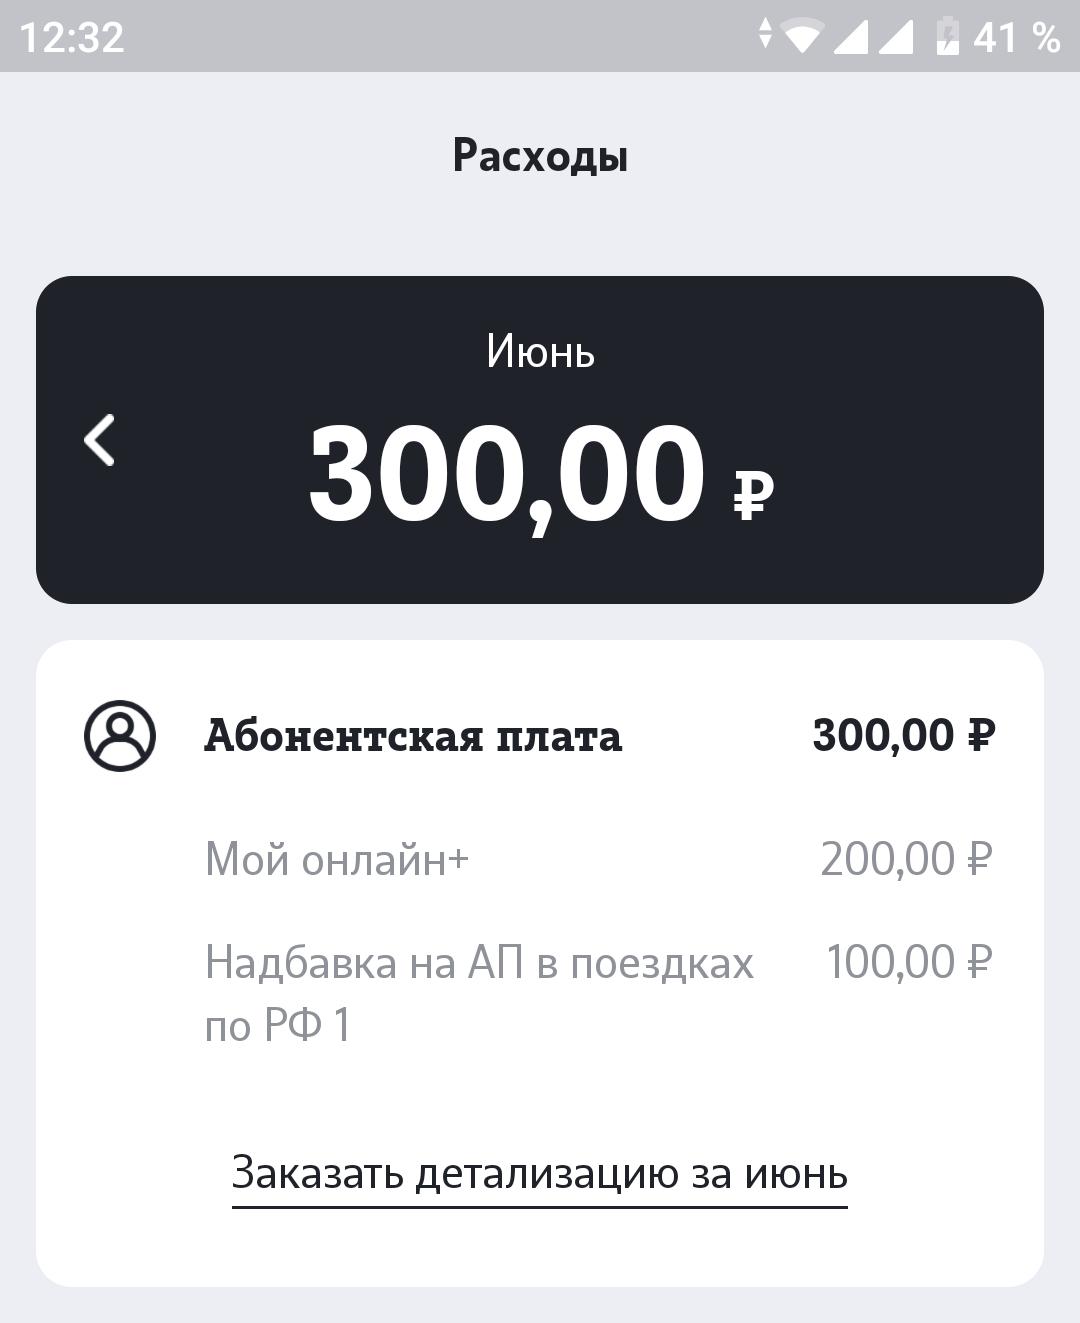 как брать в долг на теле2 200 рублей займы на qiwi microzaim24